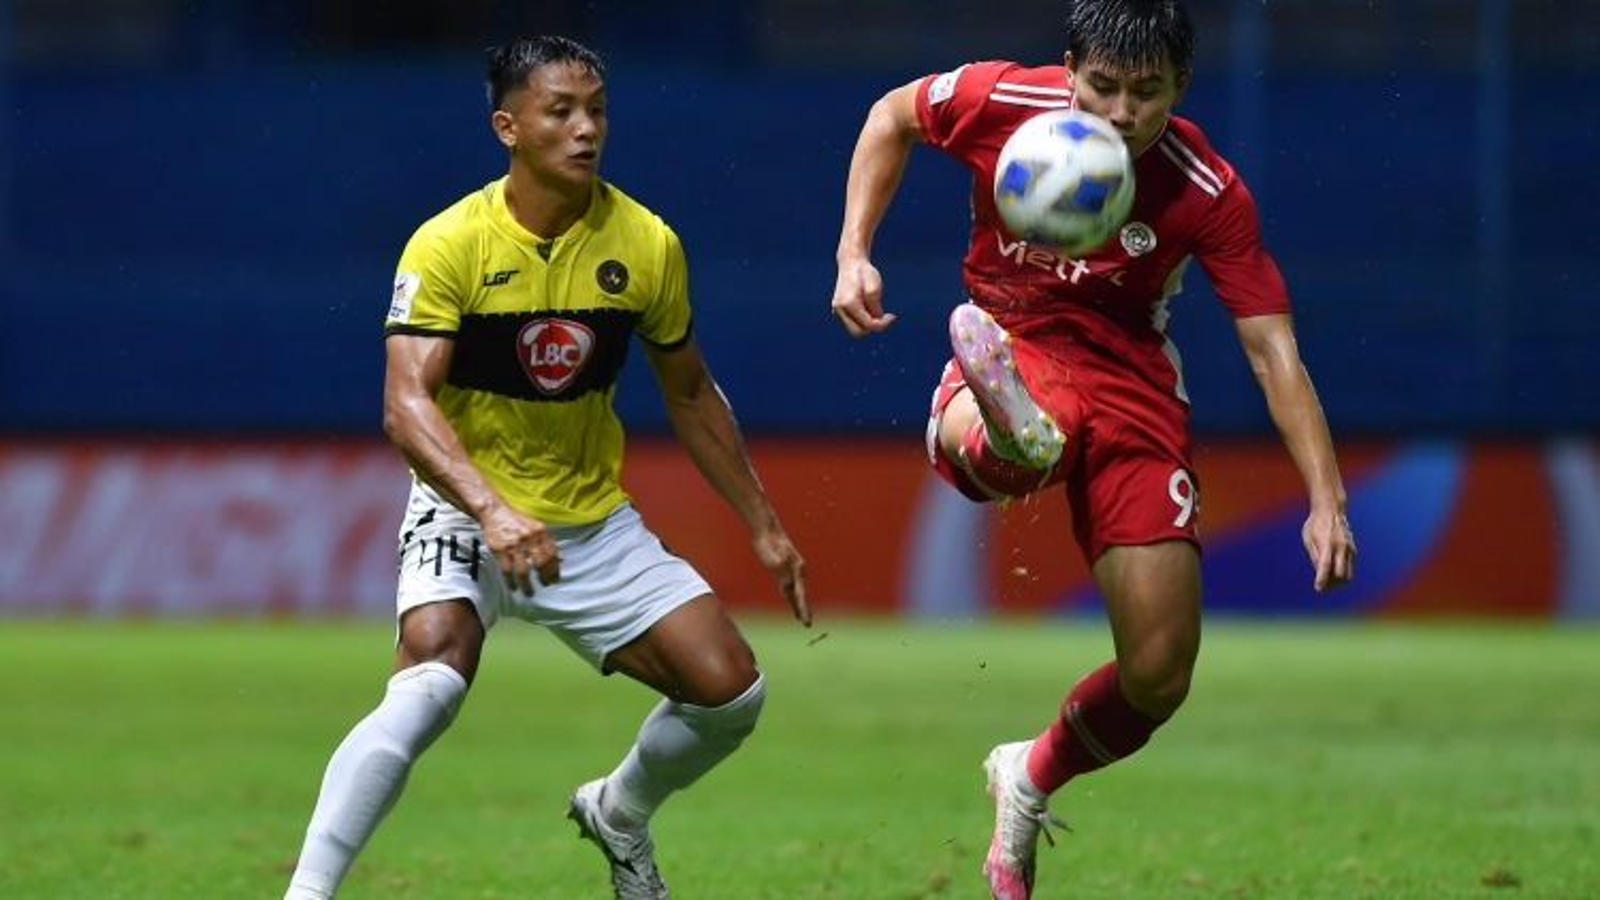 Thắng đậm Kaya FC, Viettel phá kỷ lục 17 năm của HAGL ở AFC Champions League